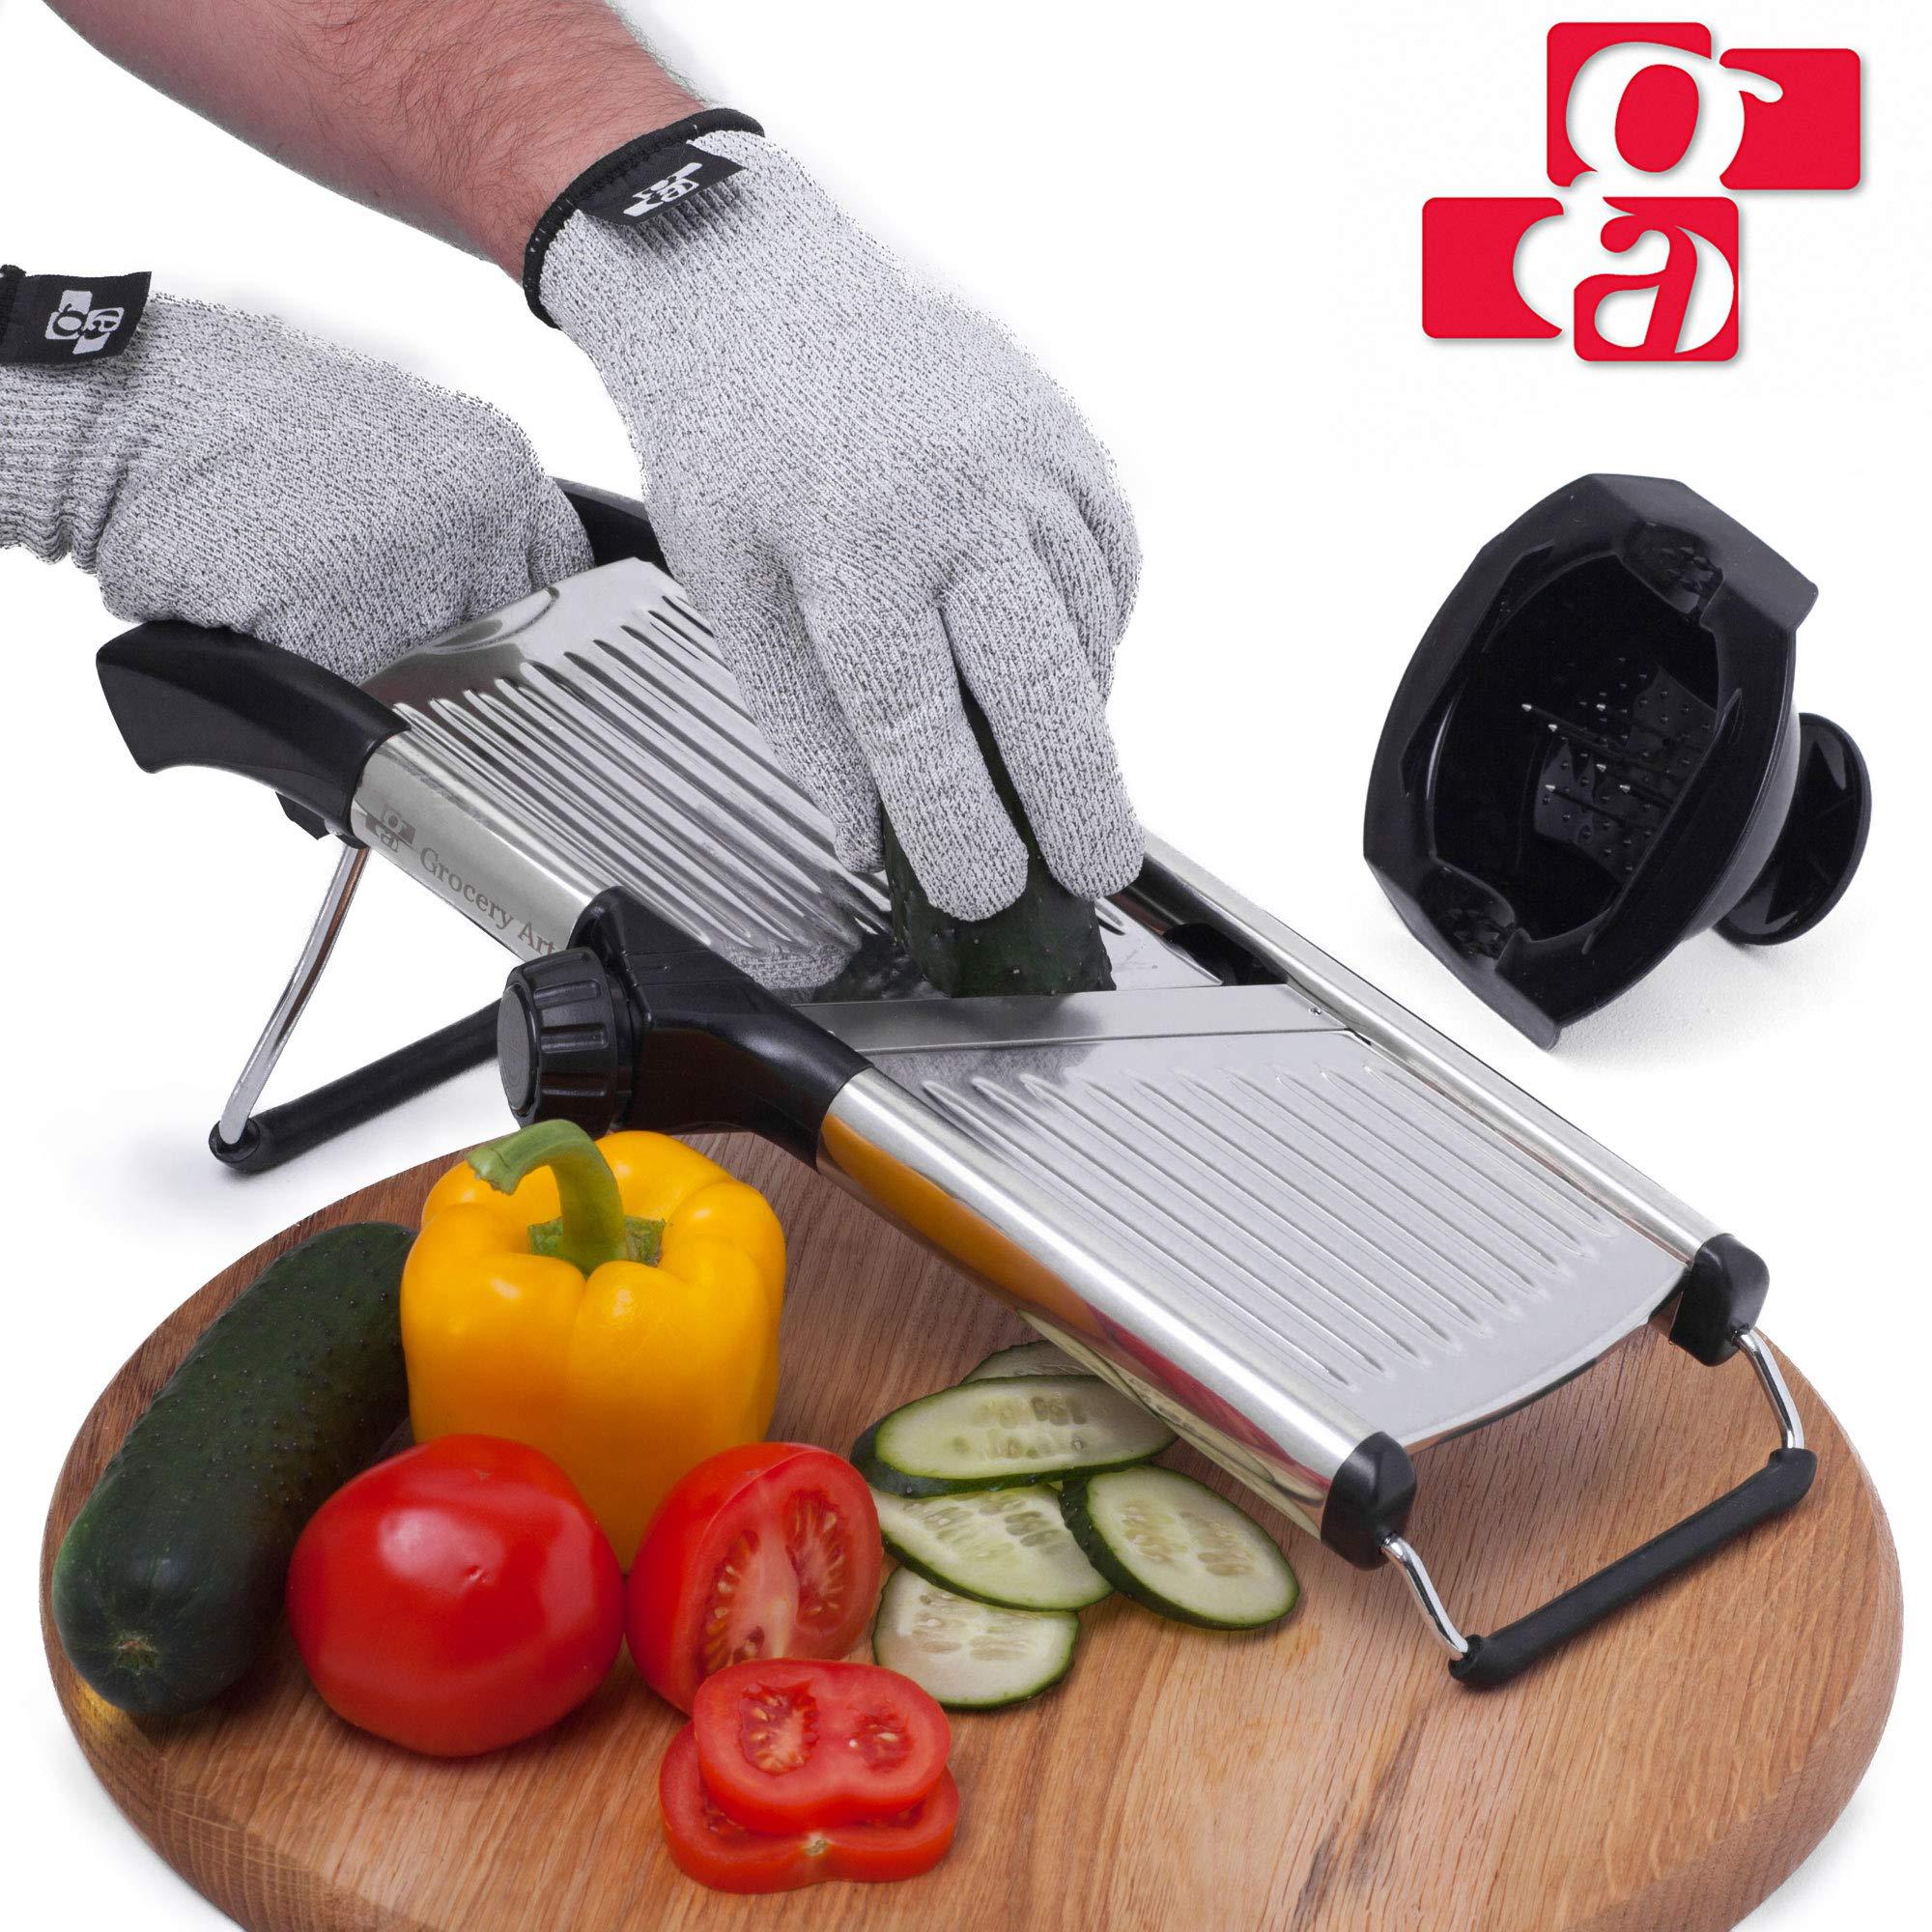 GA Mandoline Slicer - Adjustable Mandolin Vegetable Slicer and French Fry Cutter, Food Slicer, Vegetable Julienne - Thick Sharp Stainless Steel Blades - Cut-Resistant Gloves and Food Holder